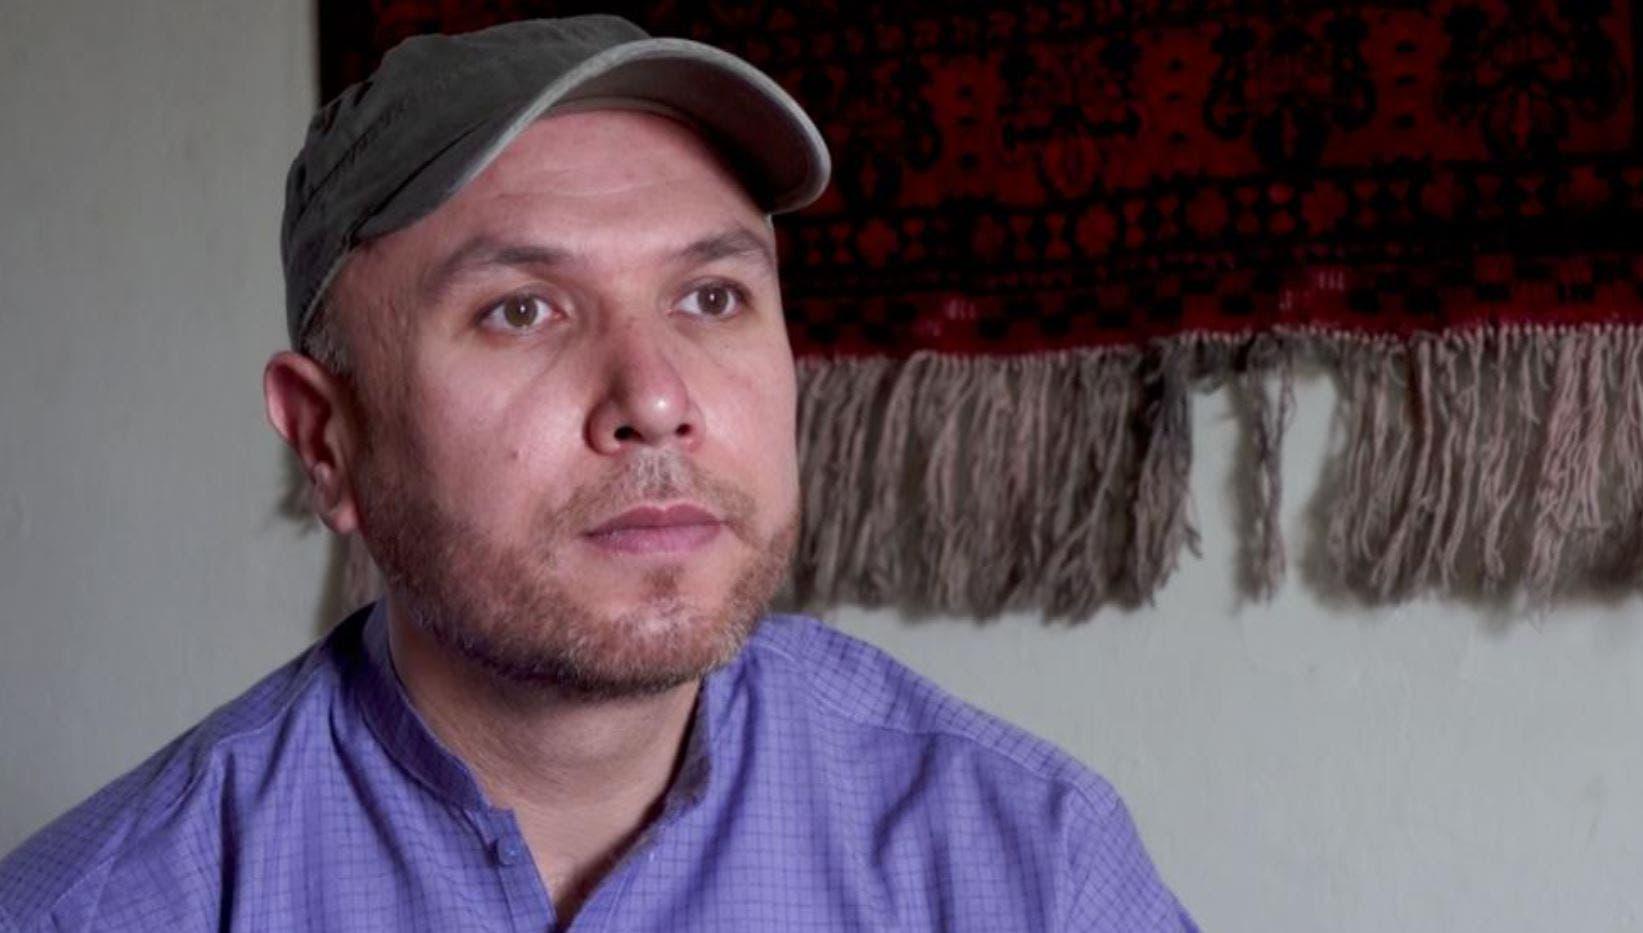 يريد وليد تبرئة اسم عائلته بعد أن ادعى الجيش الأميركي أن منزله مخبأ لداعش.